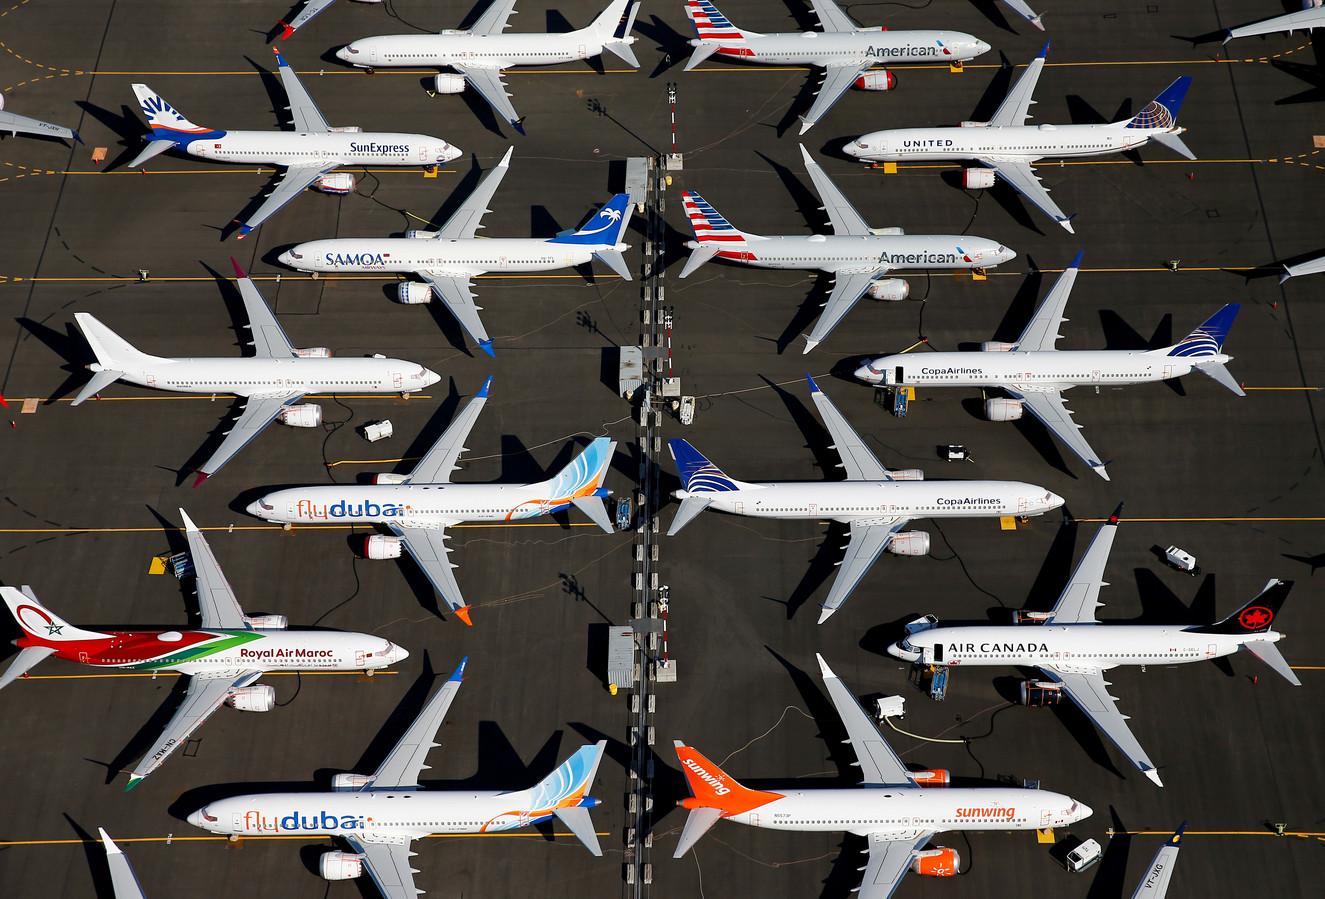 Toestellen van het type Boeing 737 MAX aan de grond op Boeing Field in Seattle.